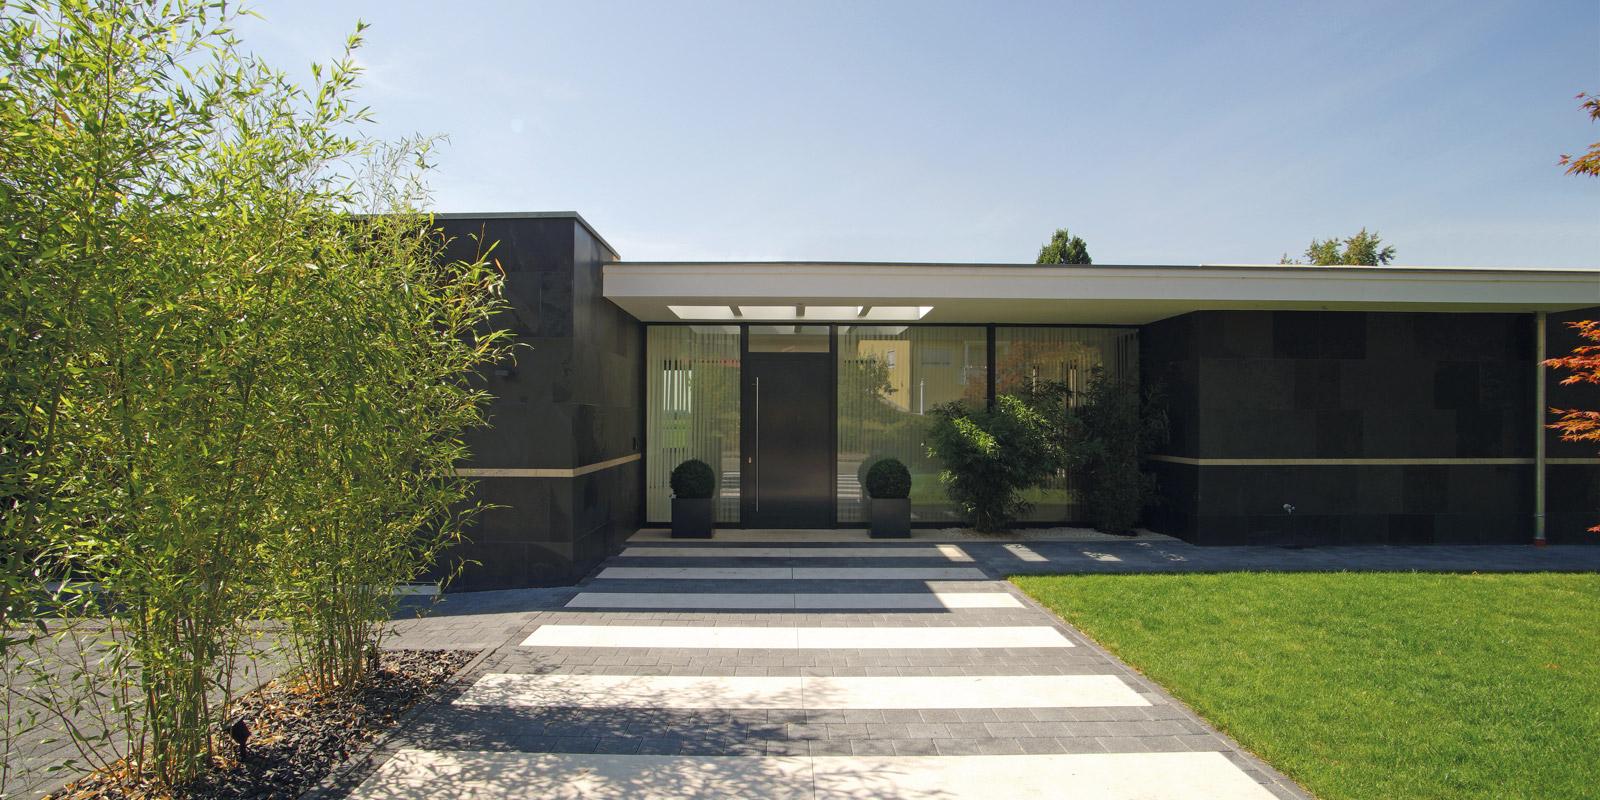 Architekt meese for Architekten bungalow modern